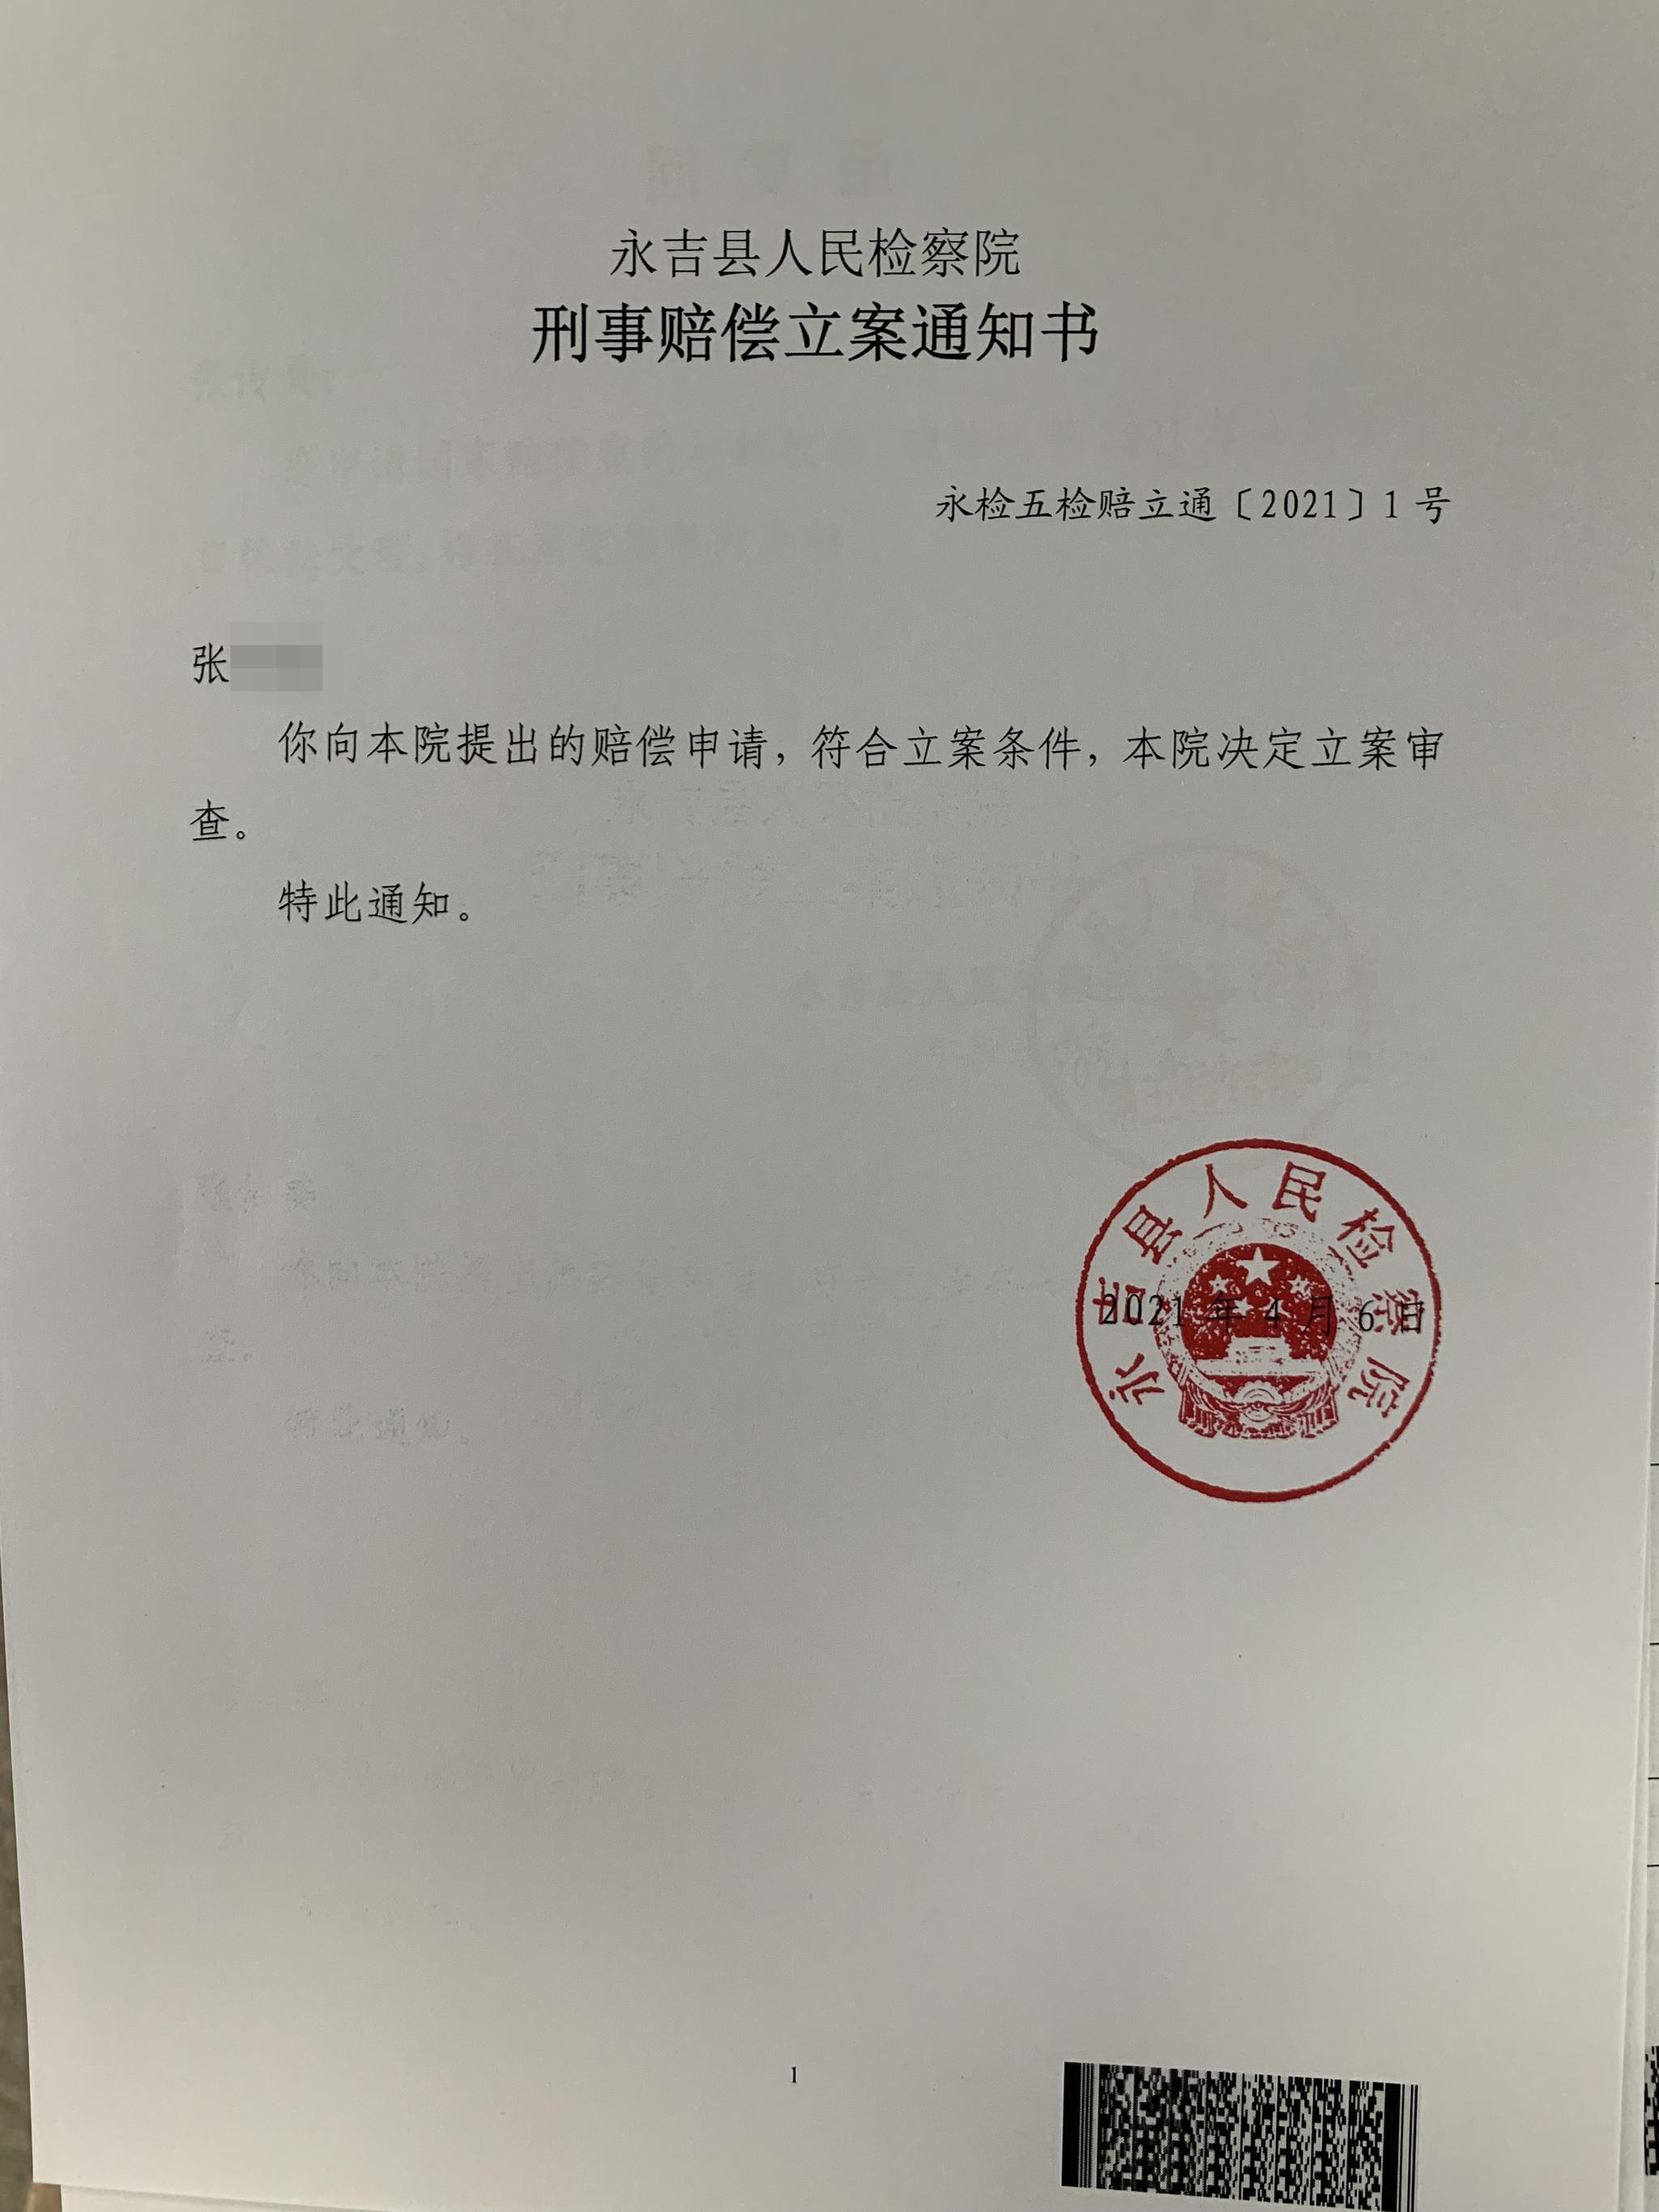 吉林女子被指诈骗遭关百余天后检方不起诉,申请国赔获立案